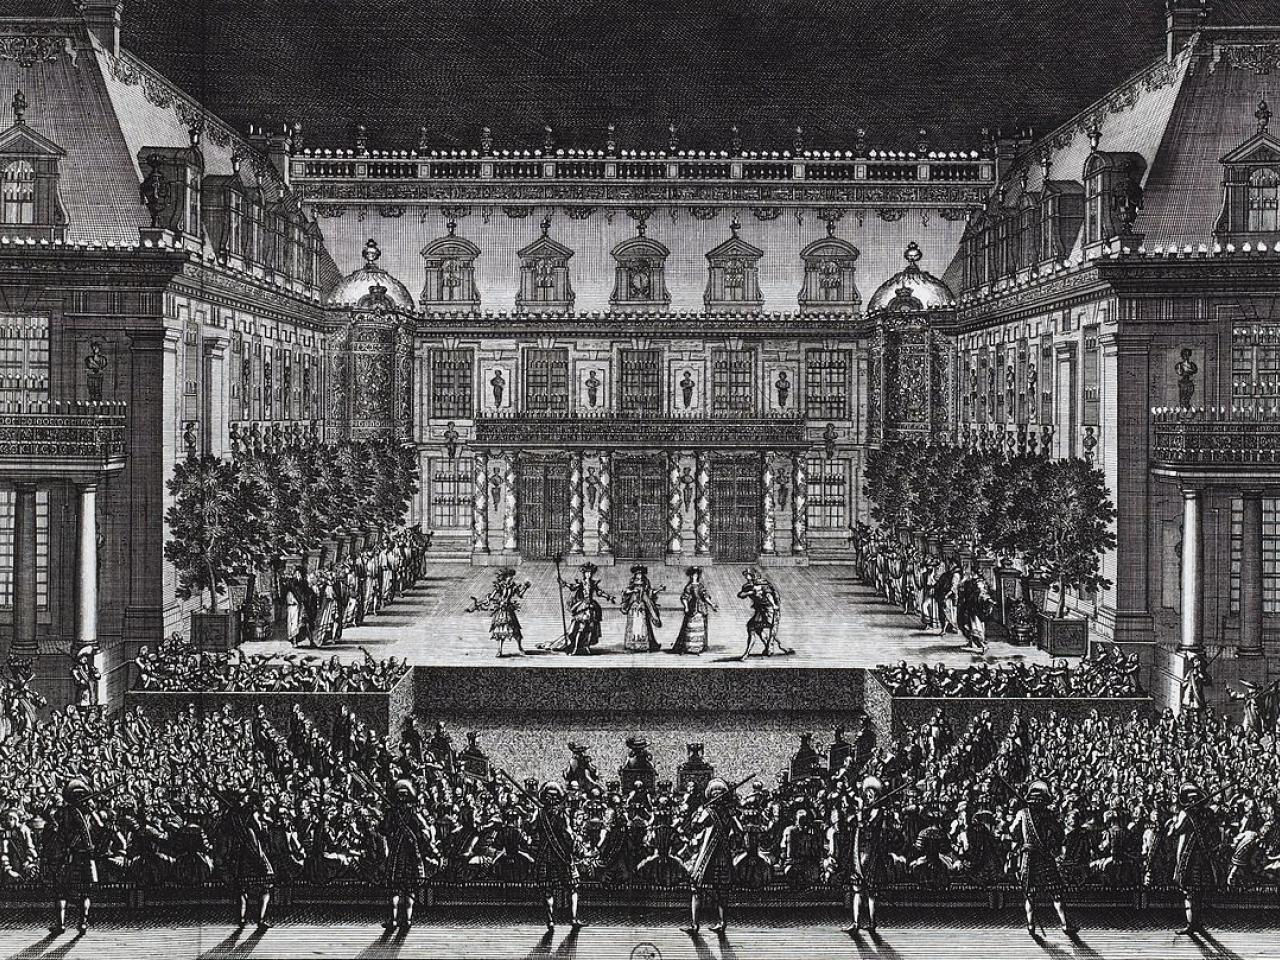 Représentation d'Alceste dans la cour de marbre du château de Versailles. Gravure de Jean Lepautre